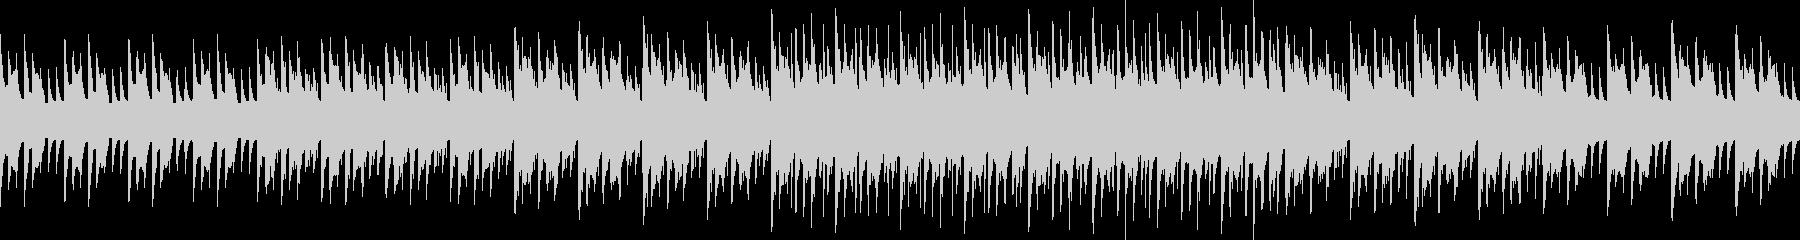 感動的、ピコピコしたファミコンぽいBGMの未再生の波形